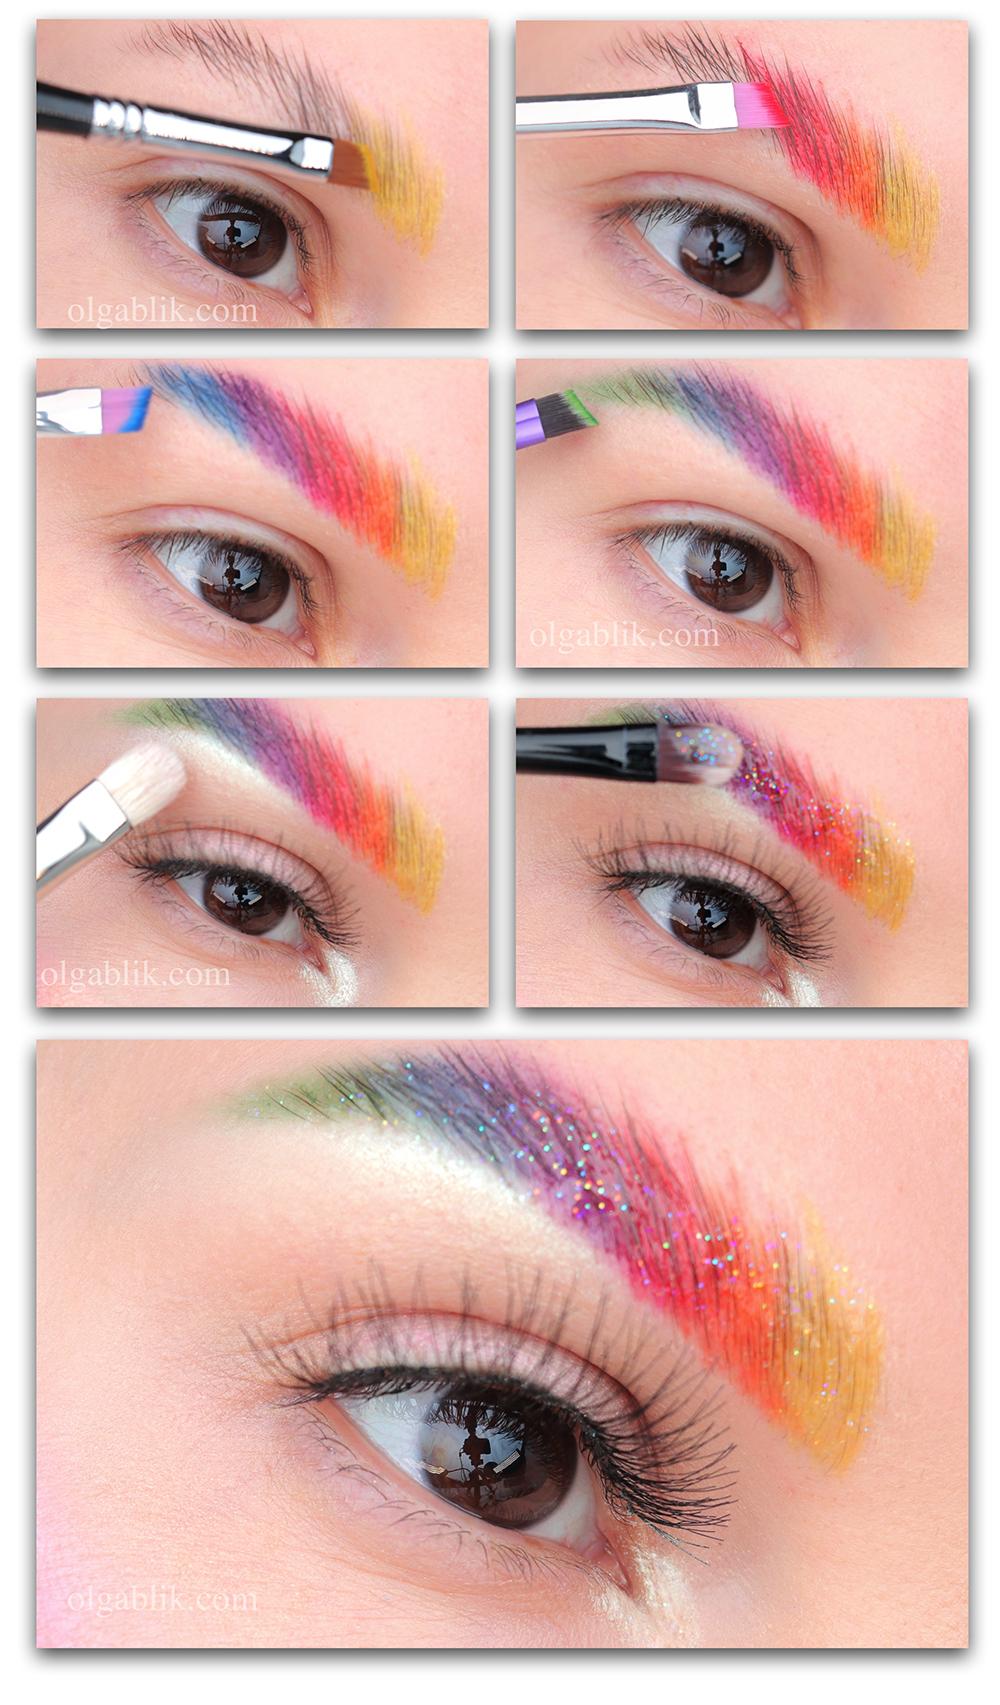 Креативный макияж пошагово, креативный макияж бровей